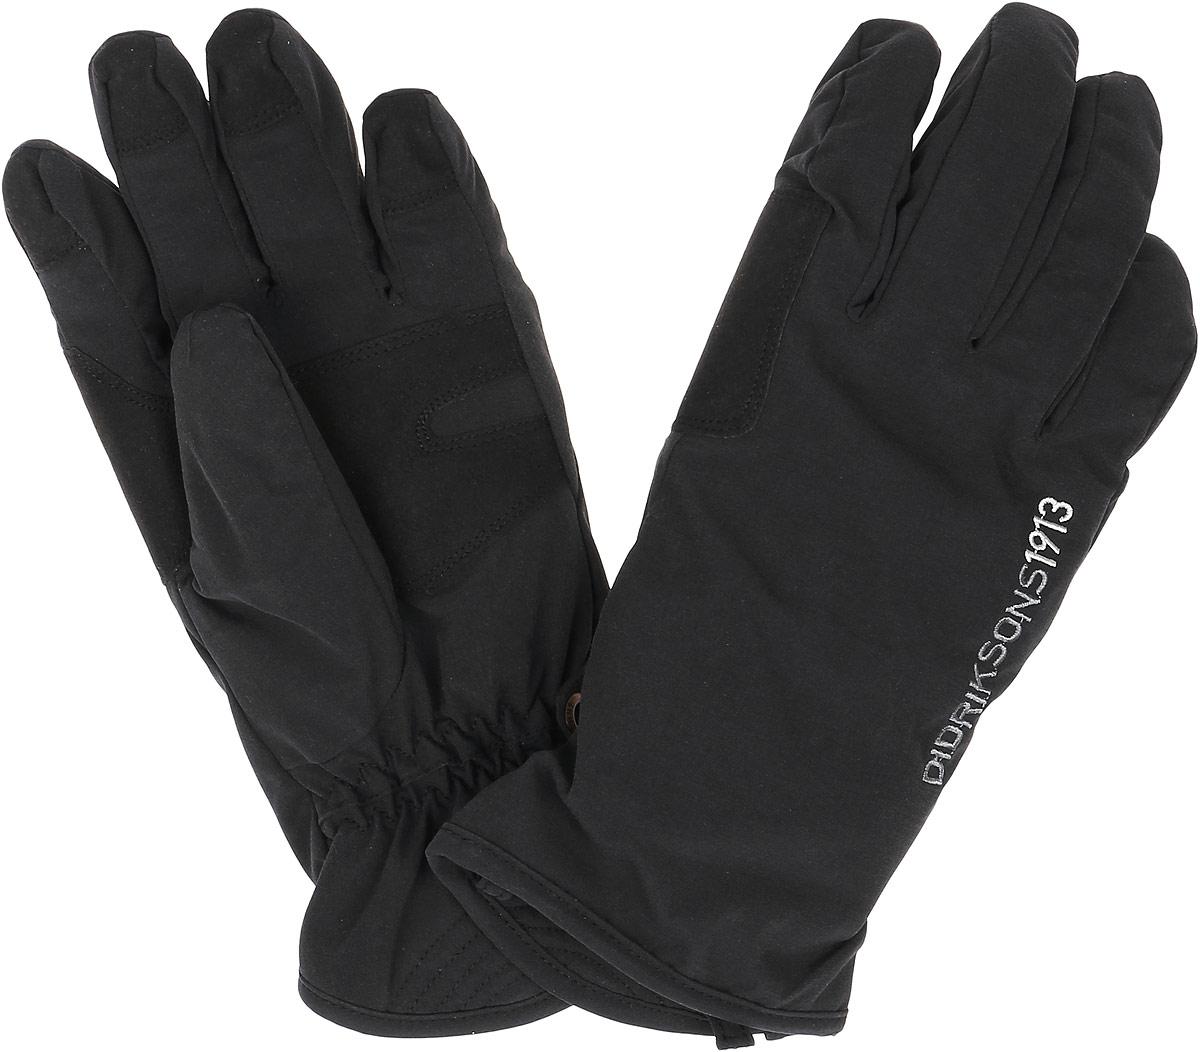 Перчатки592119_060Теплые перчатки Didriksons1913 Crest, изготовленные из непромокаемой и не продуваемой мембранной ткани с утеплителем 60 г/м2, станут идеальным вариантом для холодной зимней погоды. На подкладке используется полиэстер, который хорошо удерживает тепло. На ладошках перчатки дополнены усиленными вставками. Также на запястье - резиночки, которые предотвращают попадание холодного воздуха или снега. Лицевая сторона модели дополнена надписью бренда.